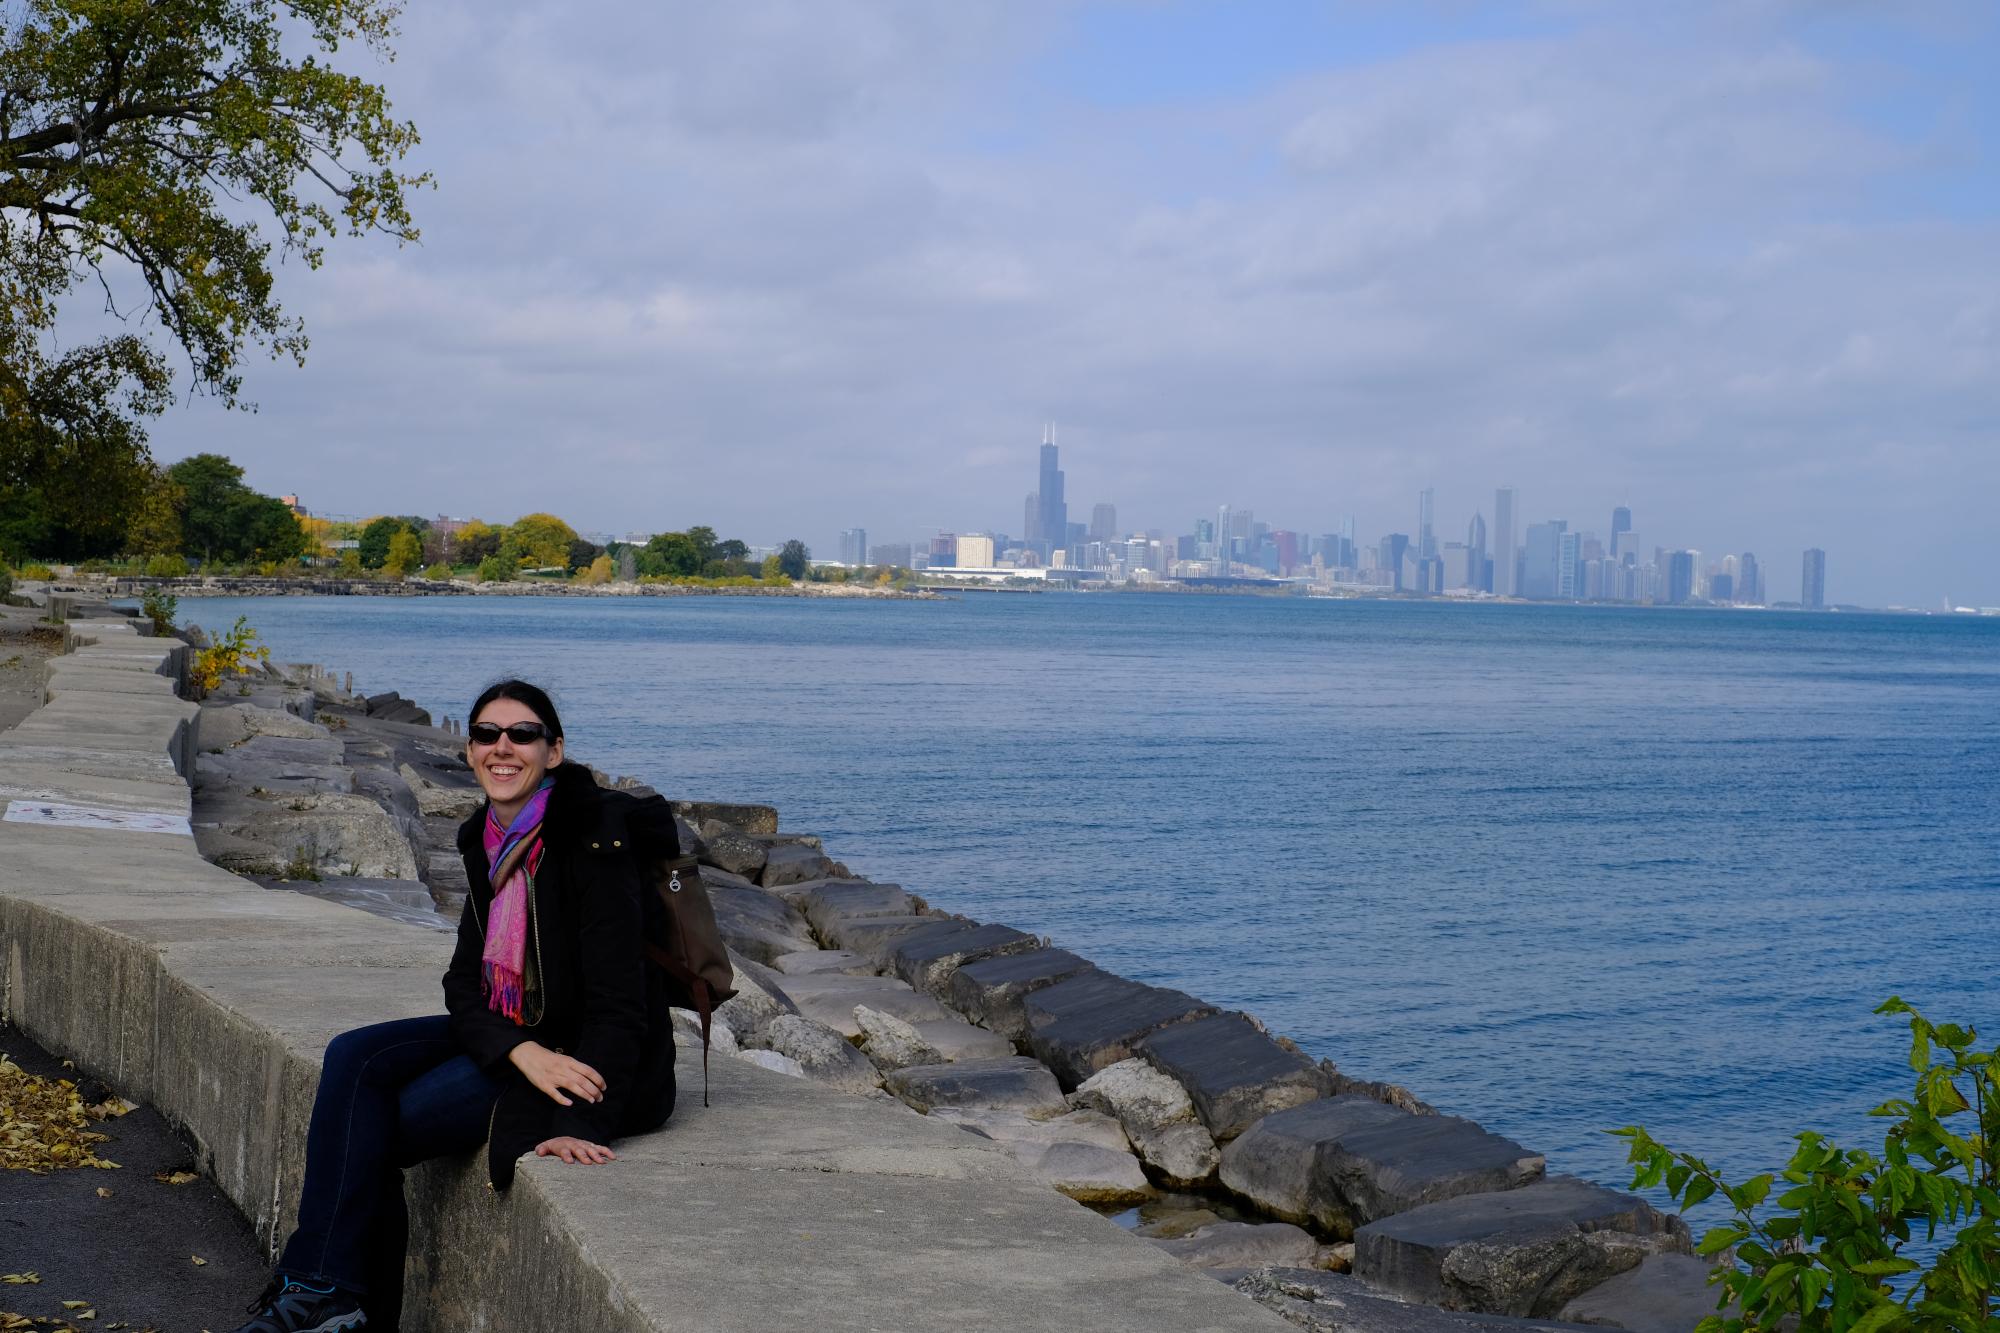 Chicago en arrière-plan, une superbe vue - Crédit photo : Monsieur Pragmatique